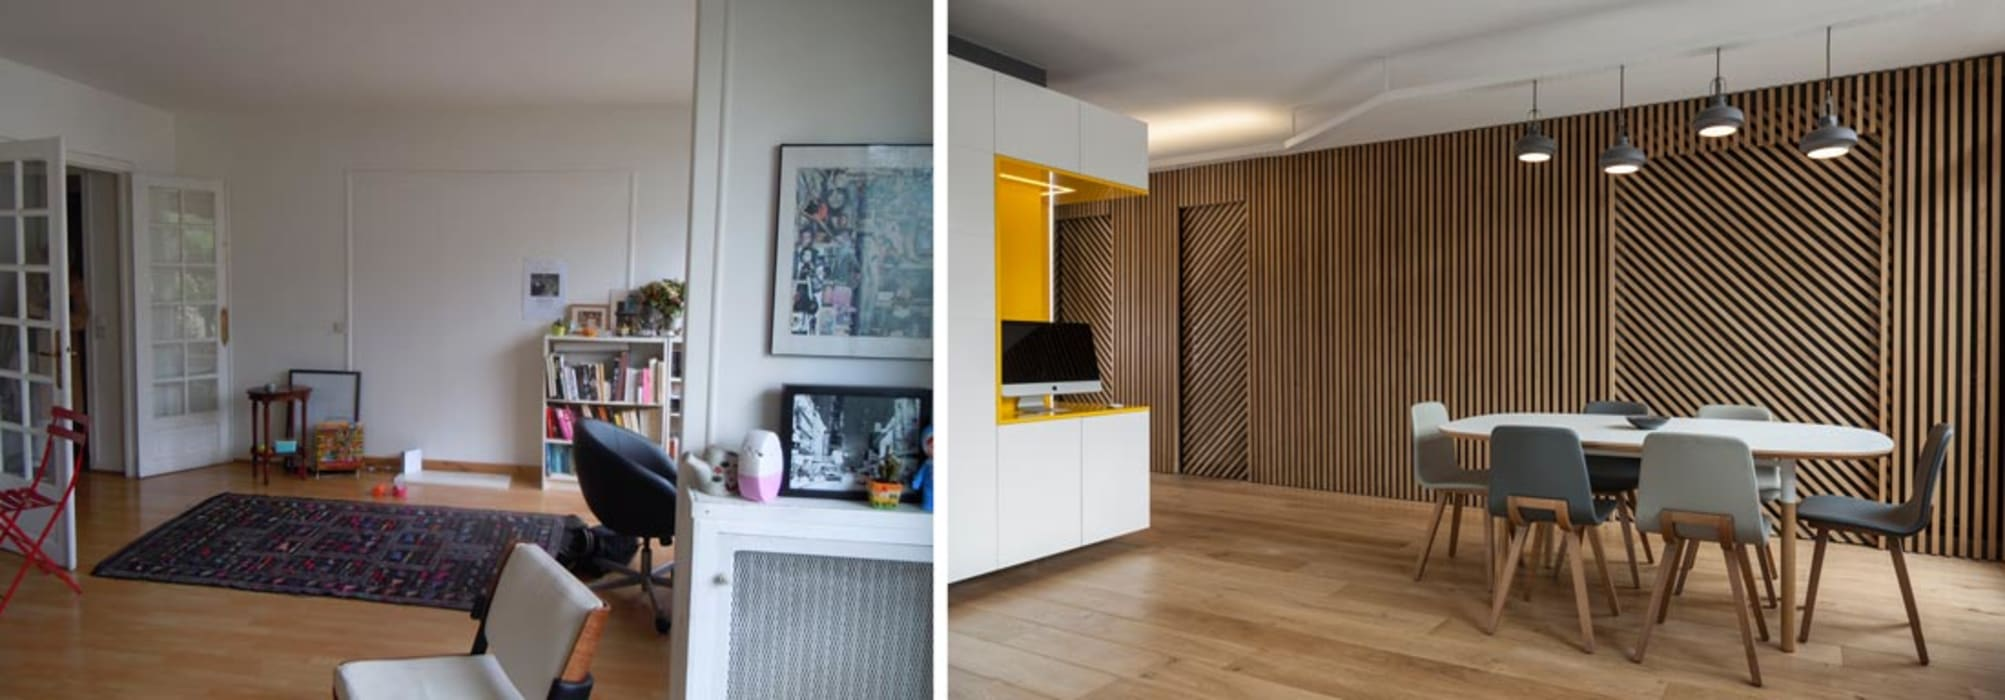 Appartement ludique 70m2 Créateurs d'Interieur